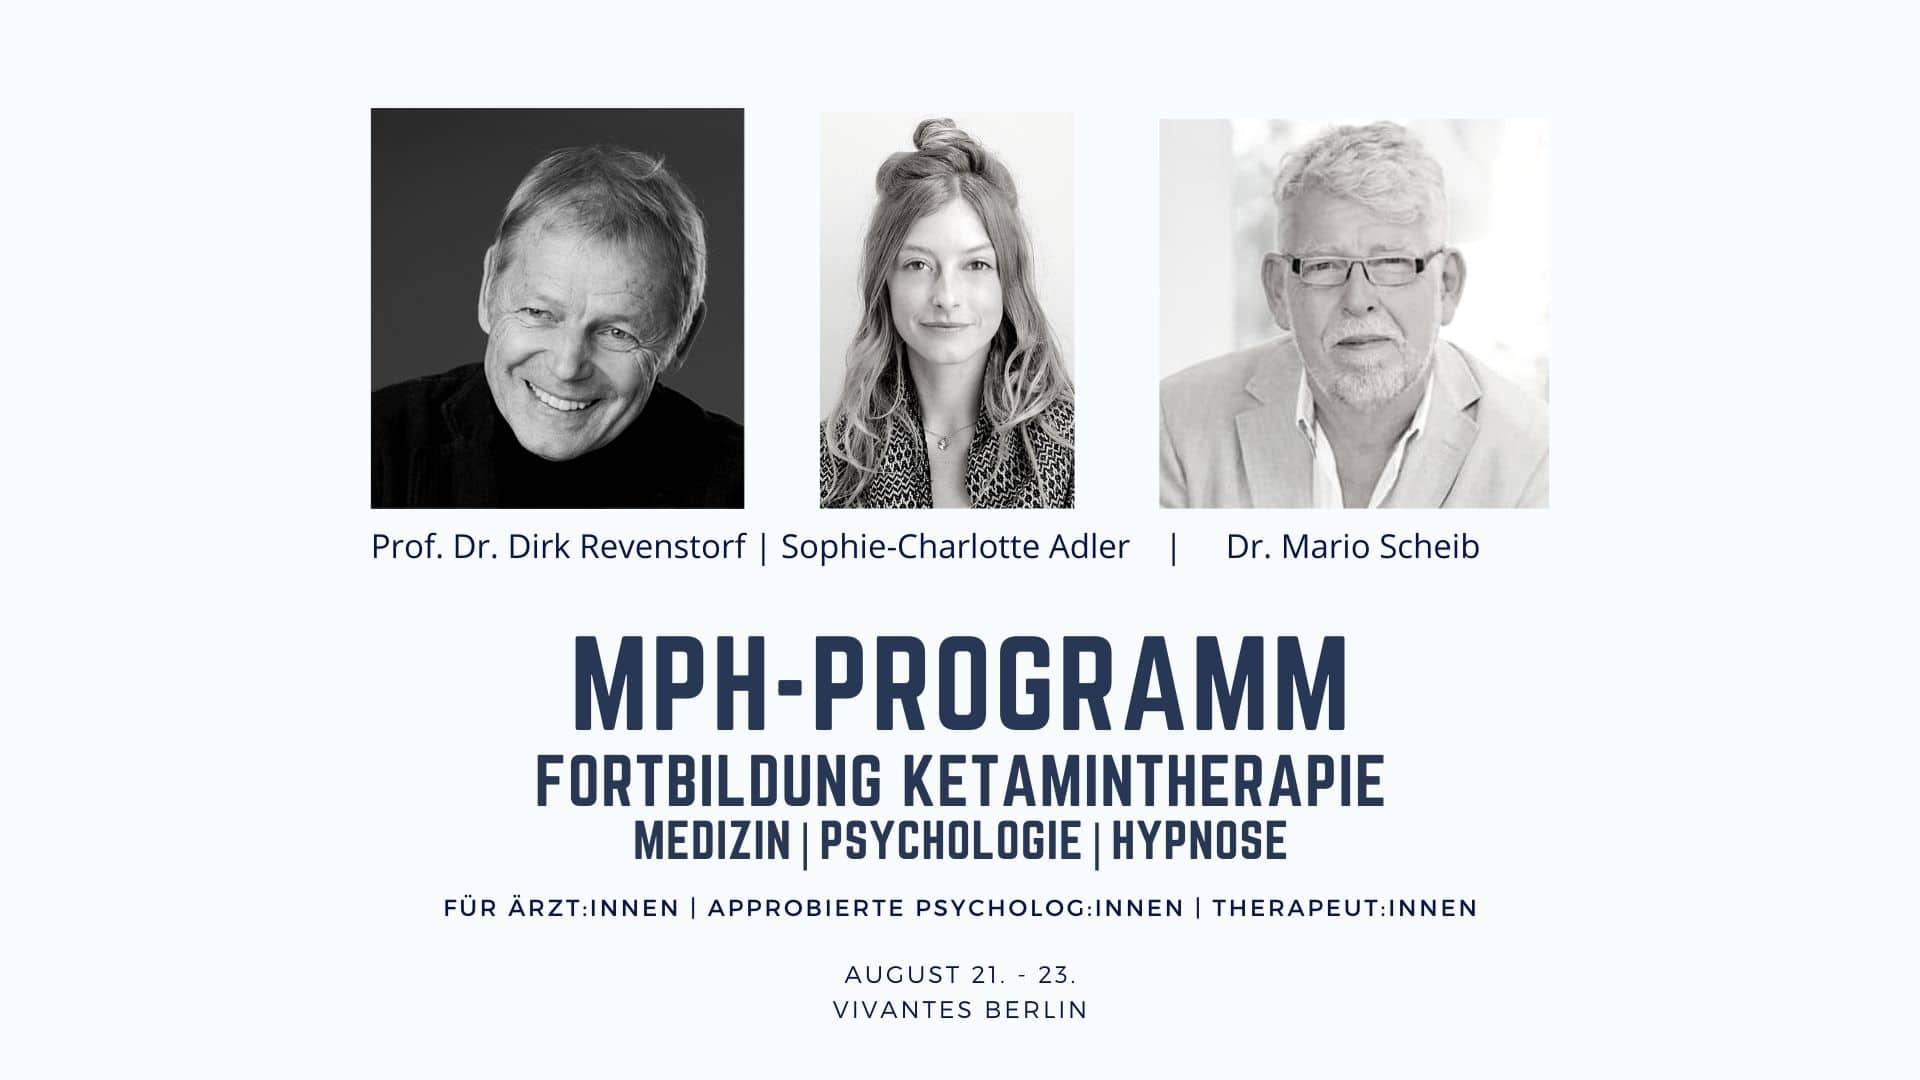 Fortbildung Ketamintherapie , seminar für Ärzte, Psychotherapeuten und Psychologen